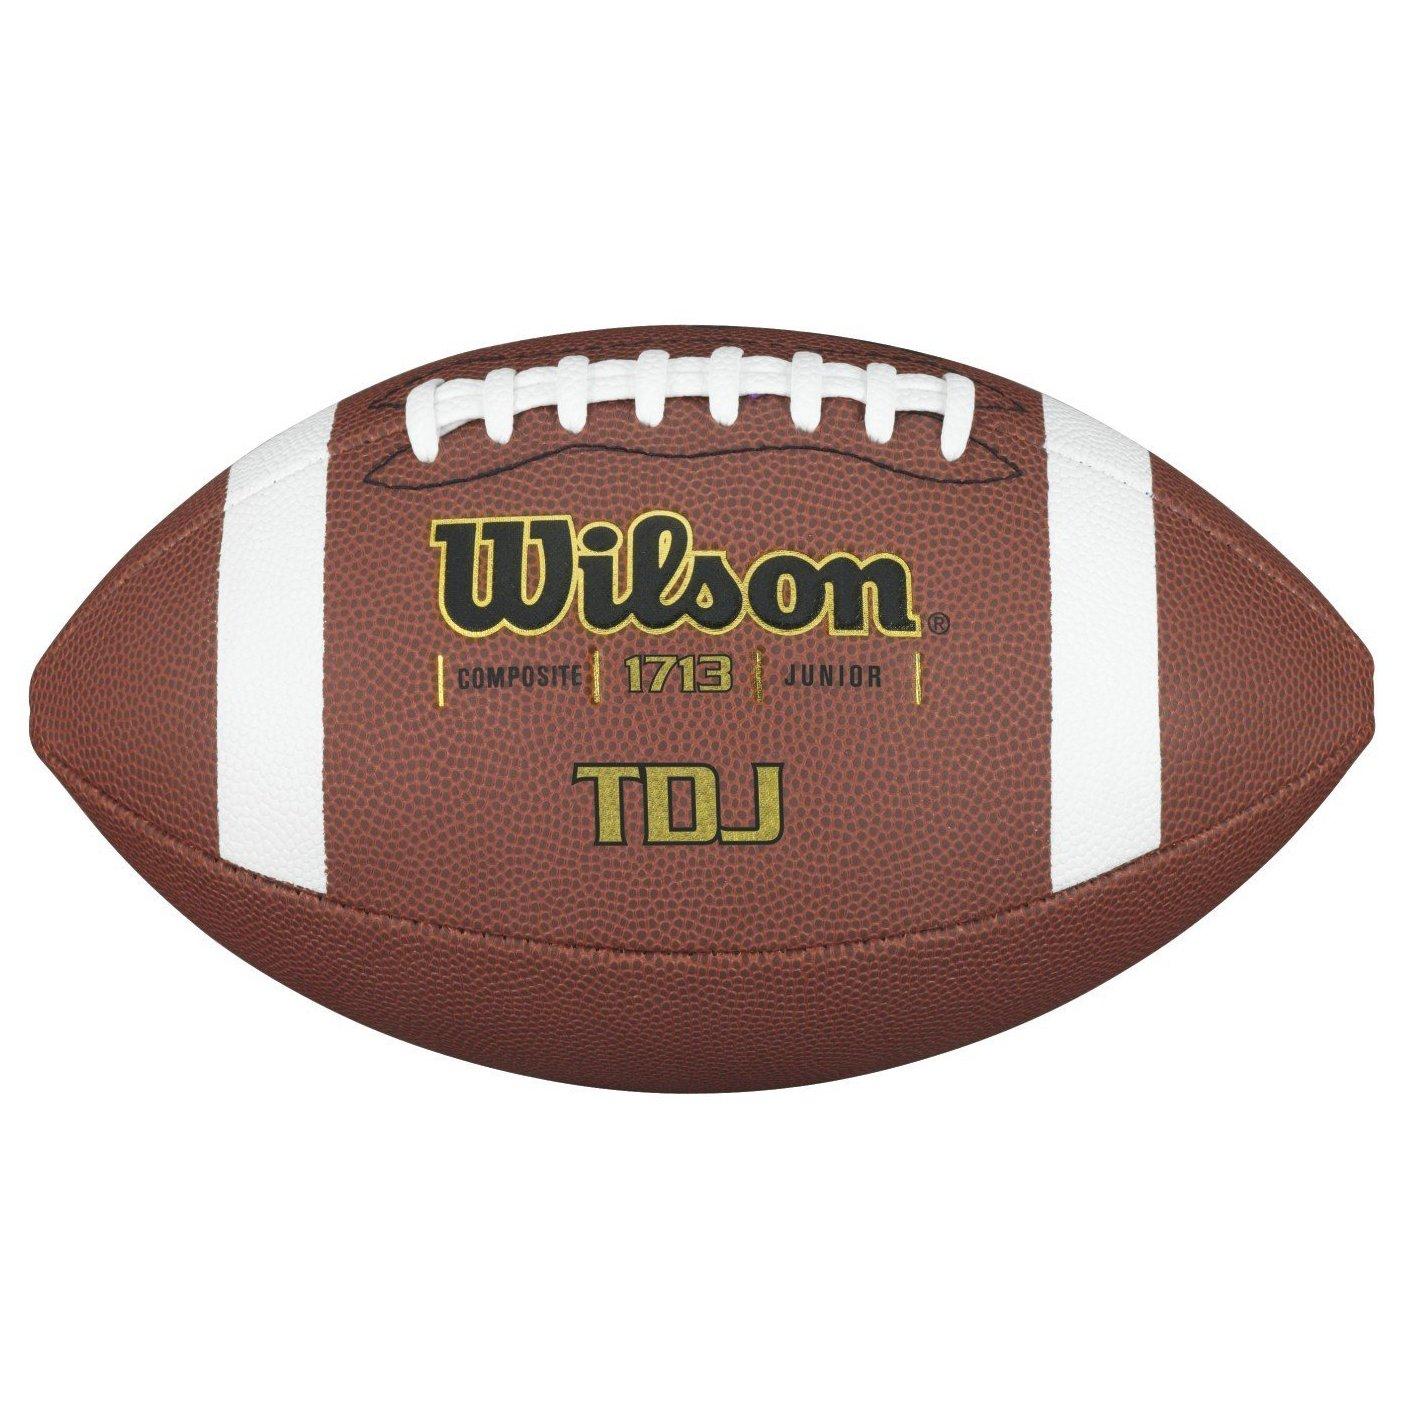 Wilson Tdj Traditional Composite Pallone da Football Americano, Marrone, Taglia Unica